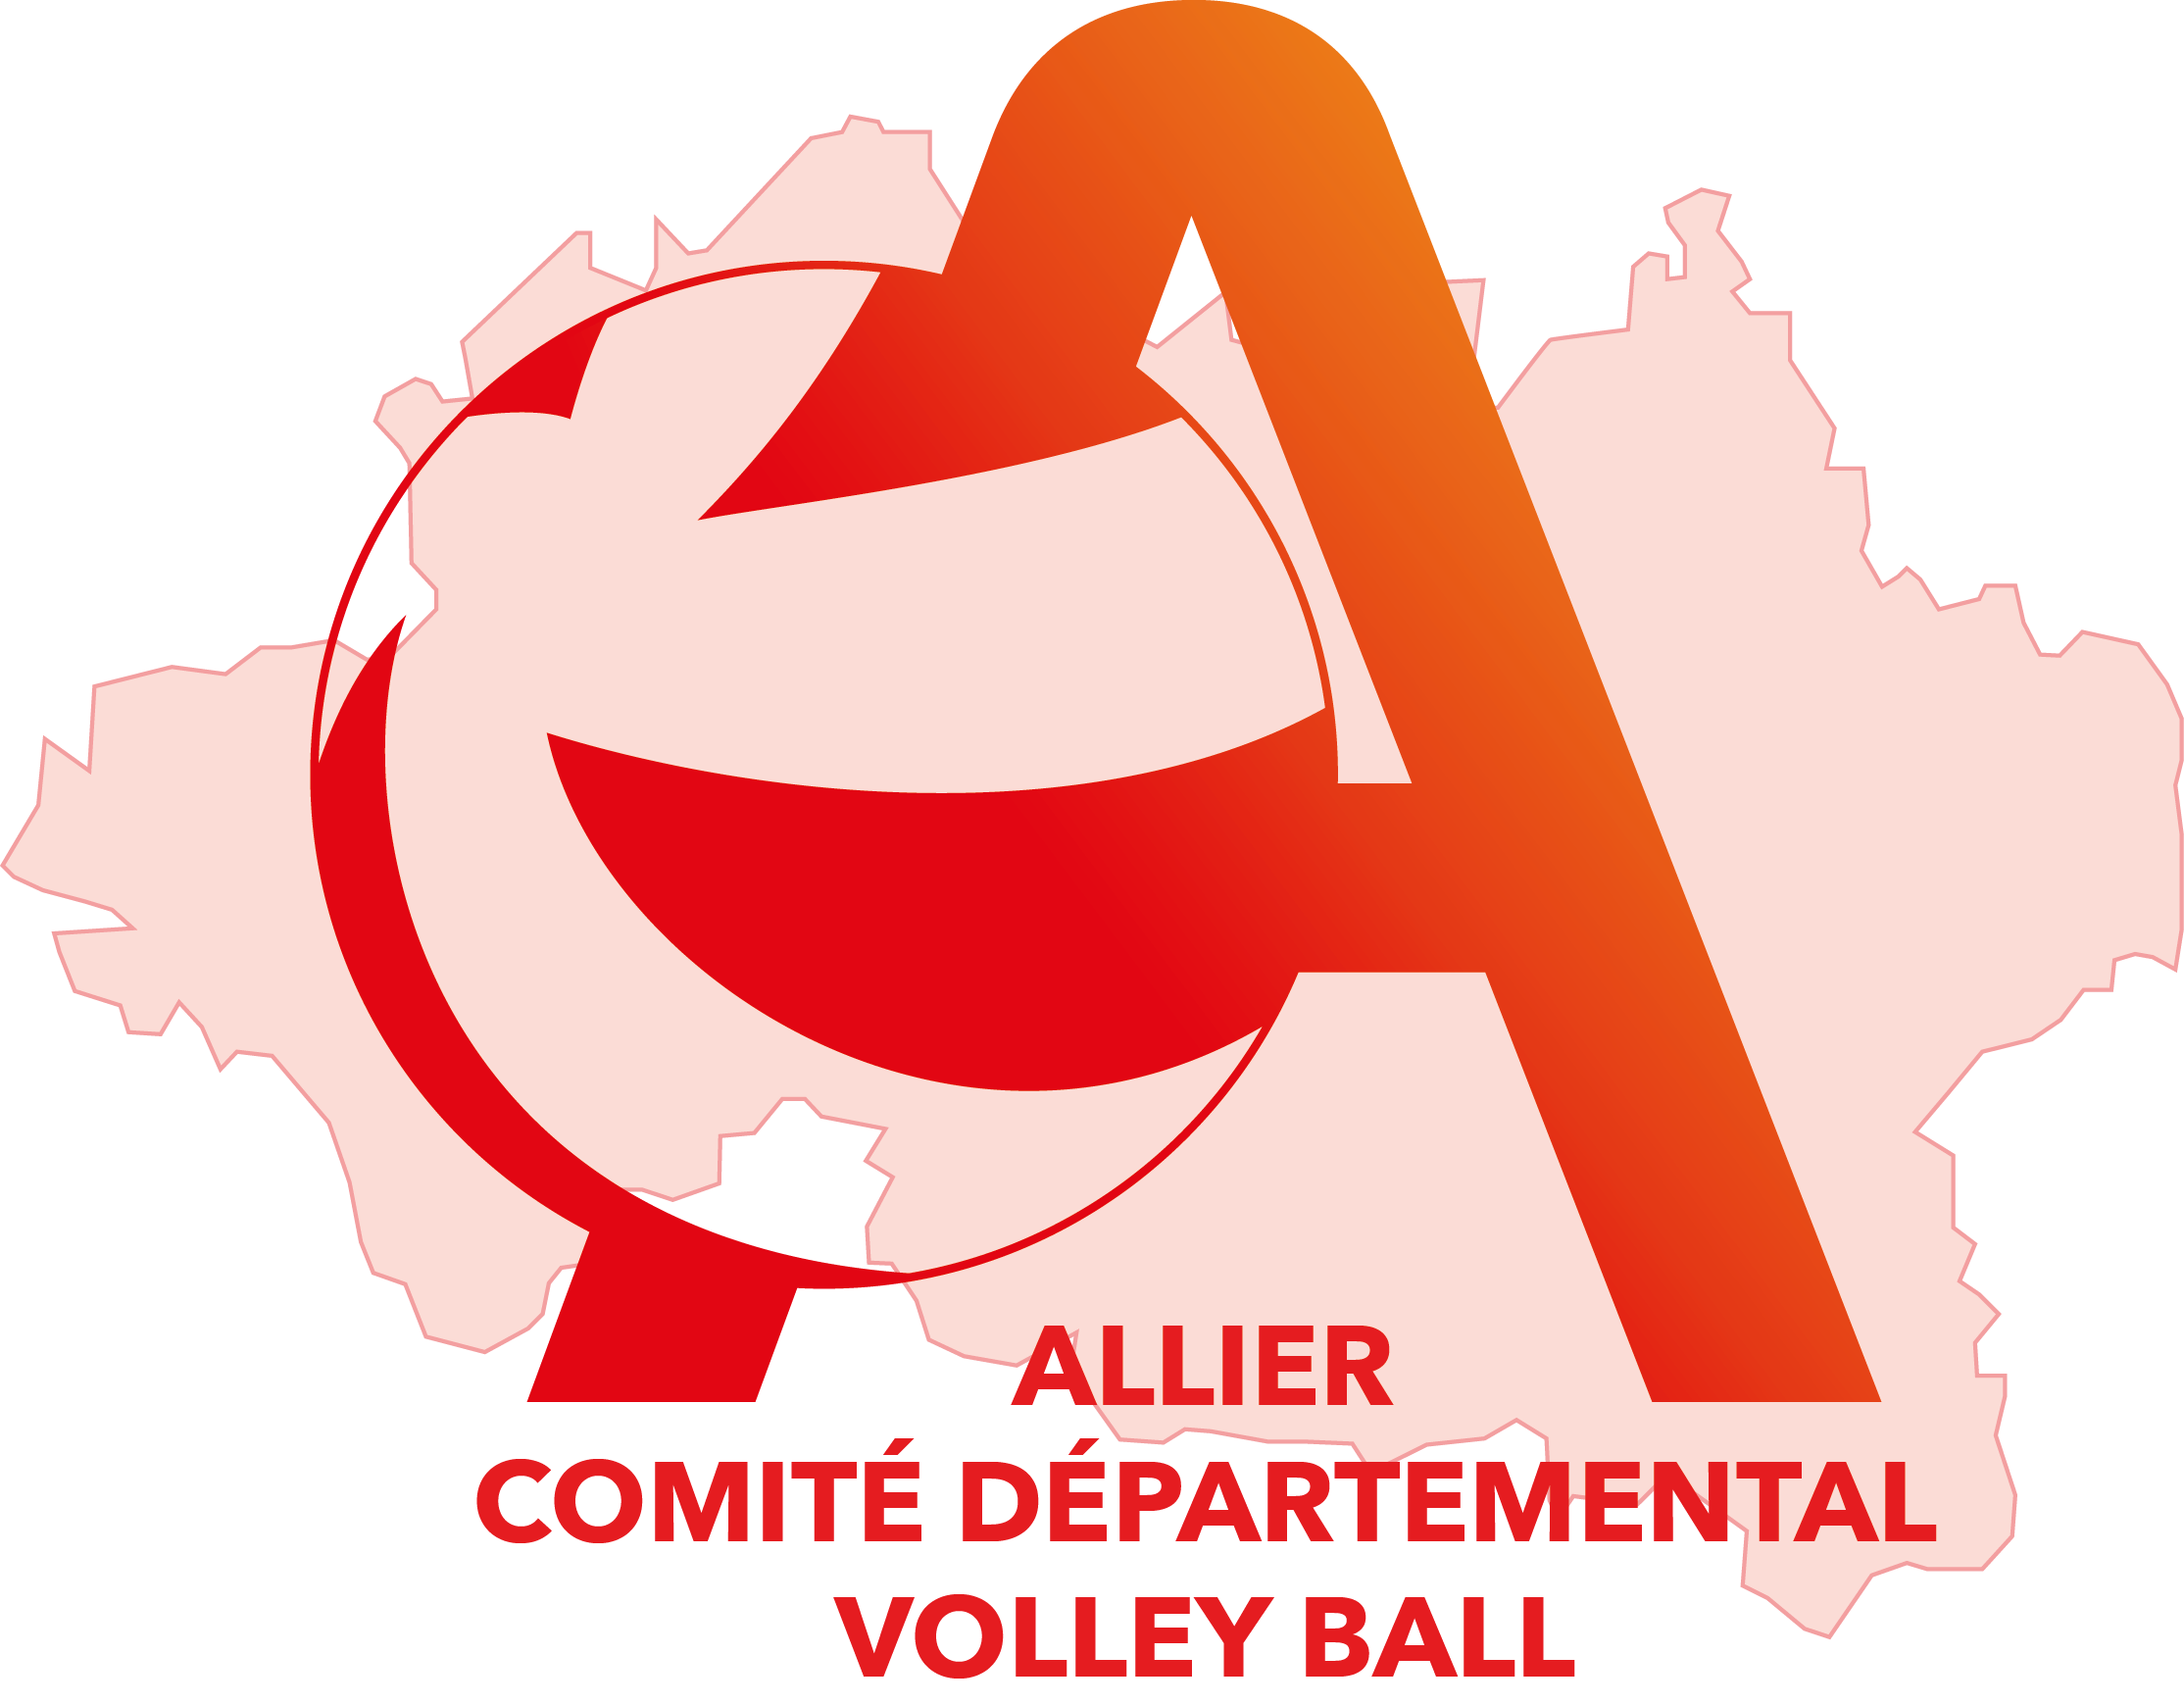 Cdvb Allier